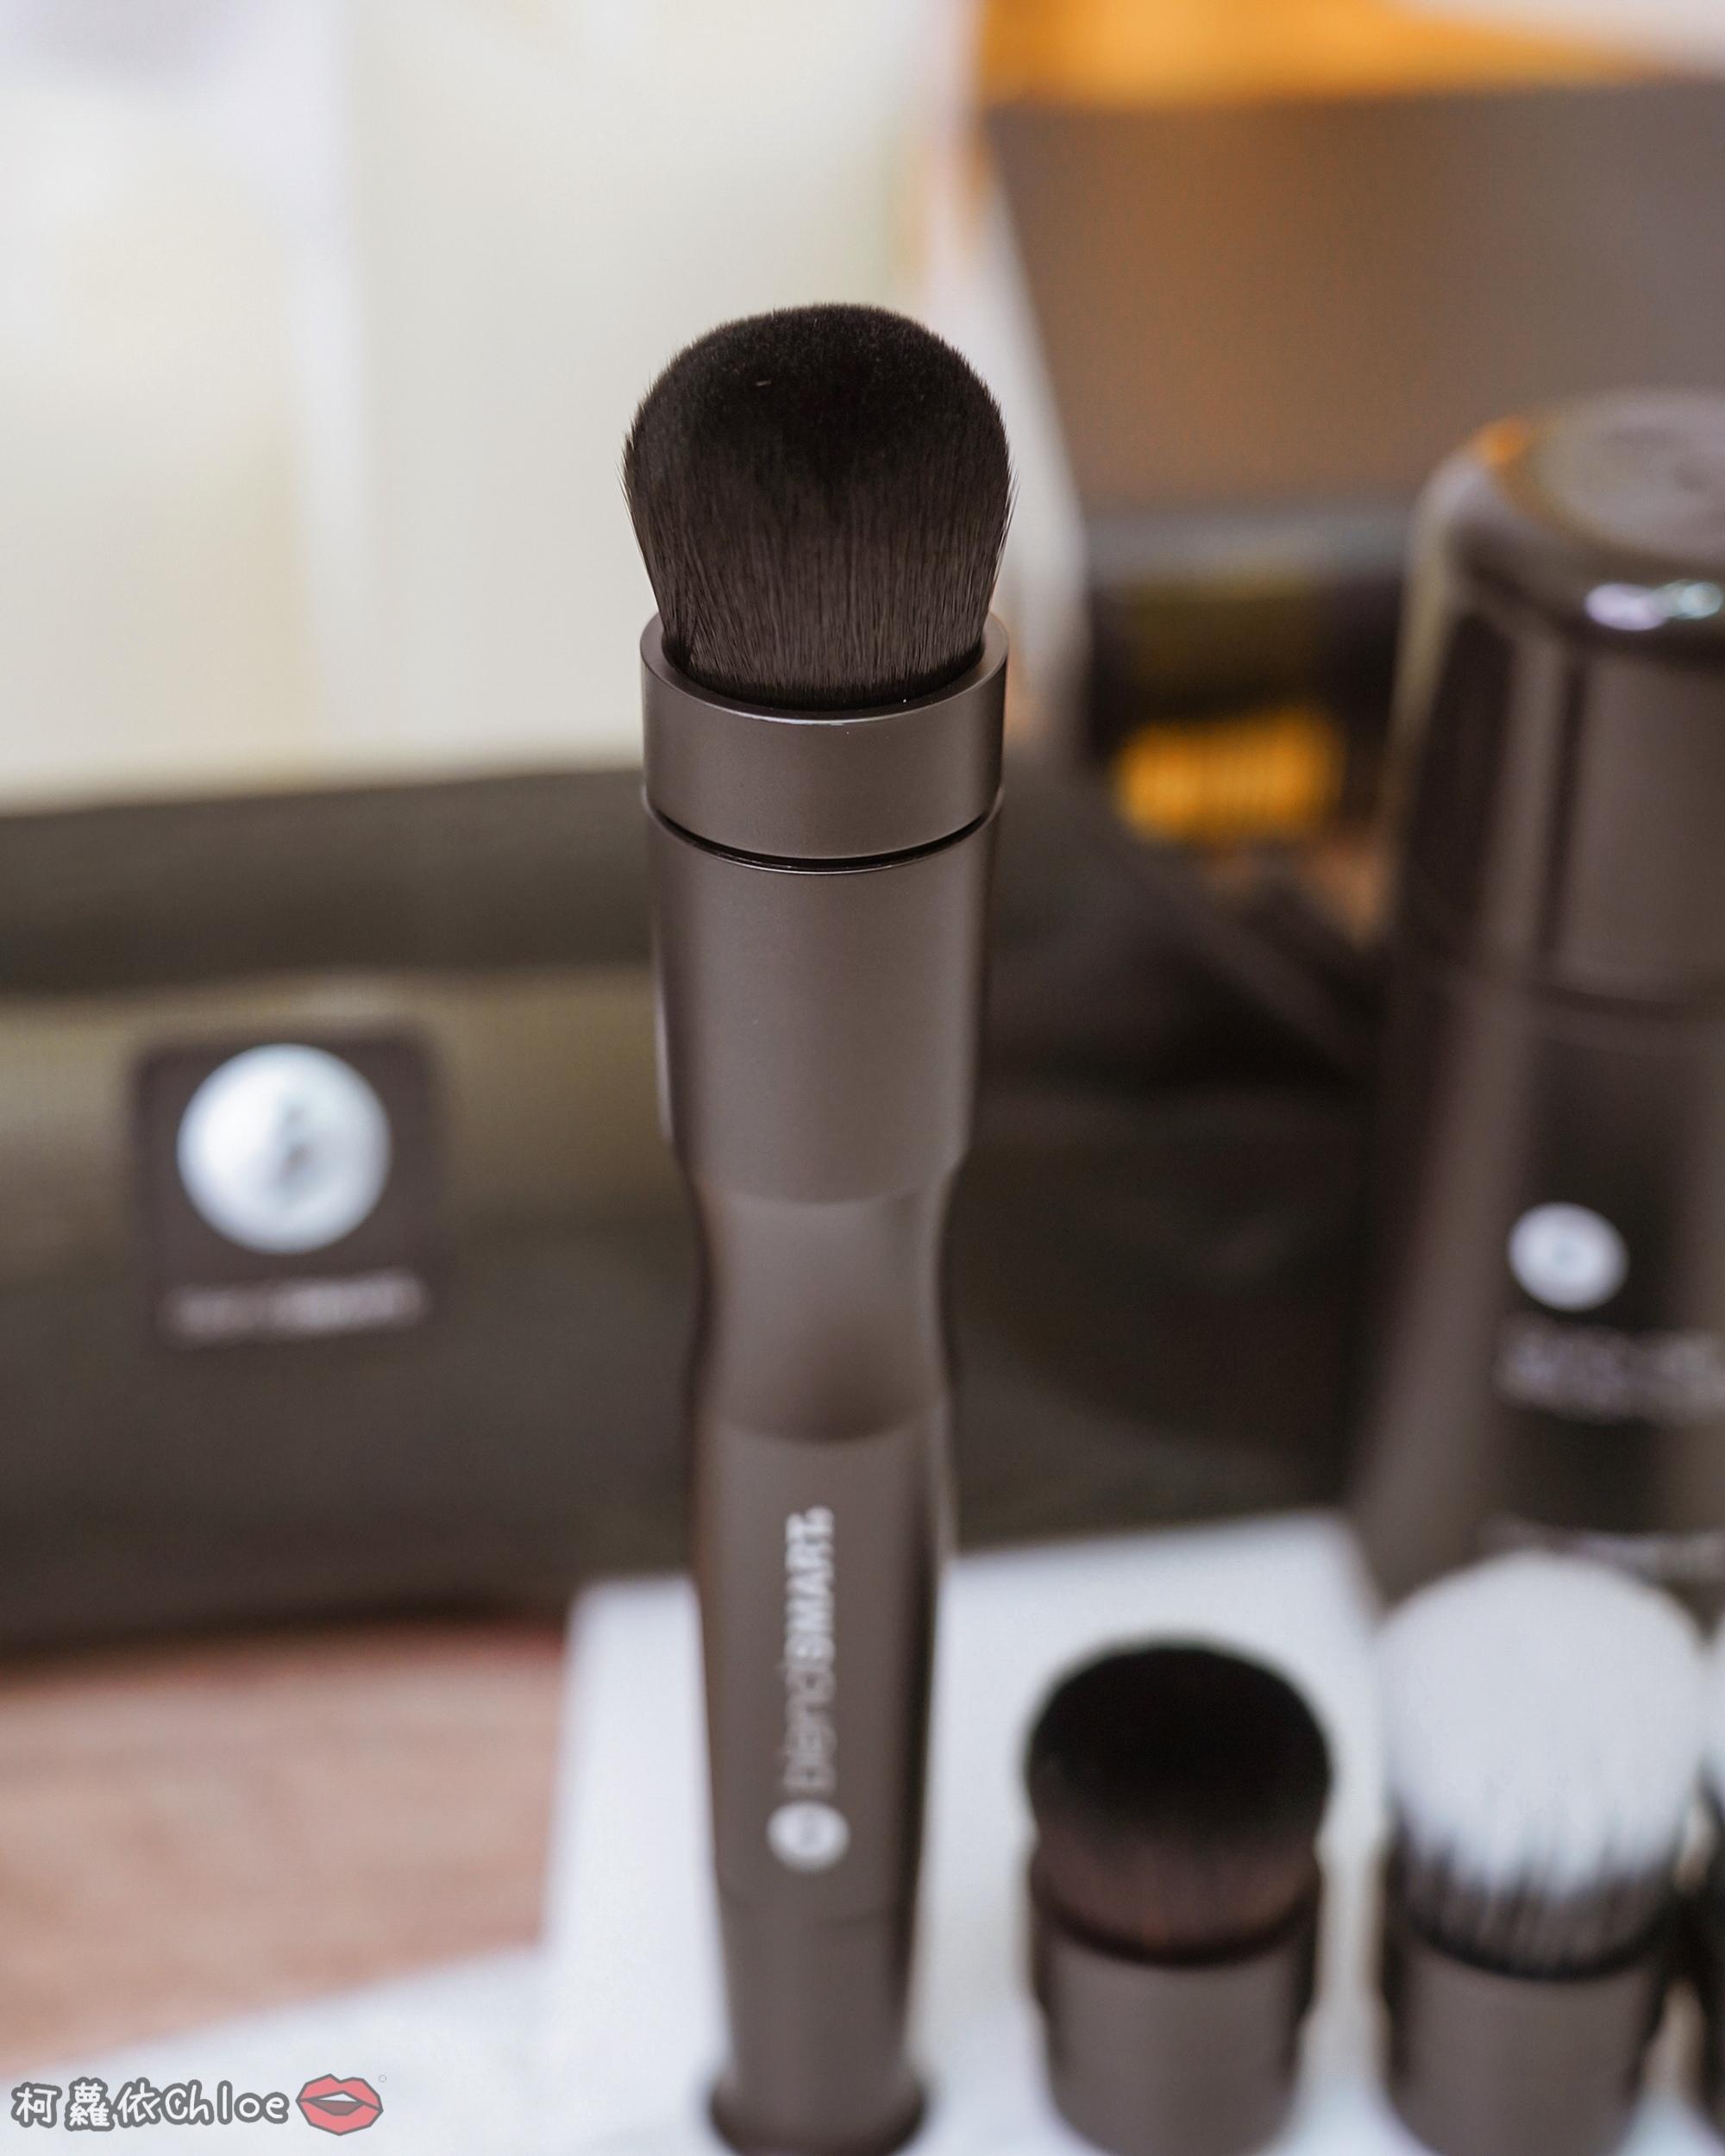 彩妝工具推薦 blendSMART電動化妝刷 達人套裝開箱 上妝輕柔更有效率36.jpg